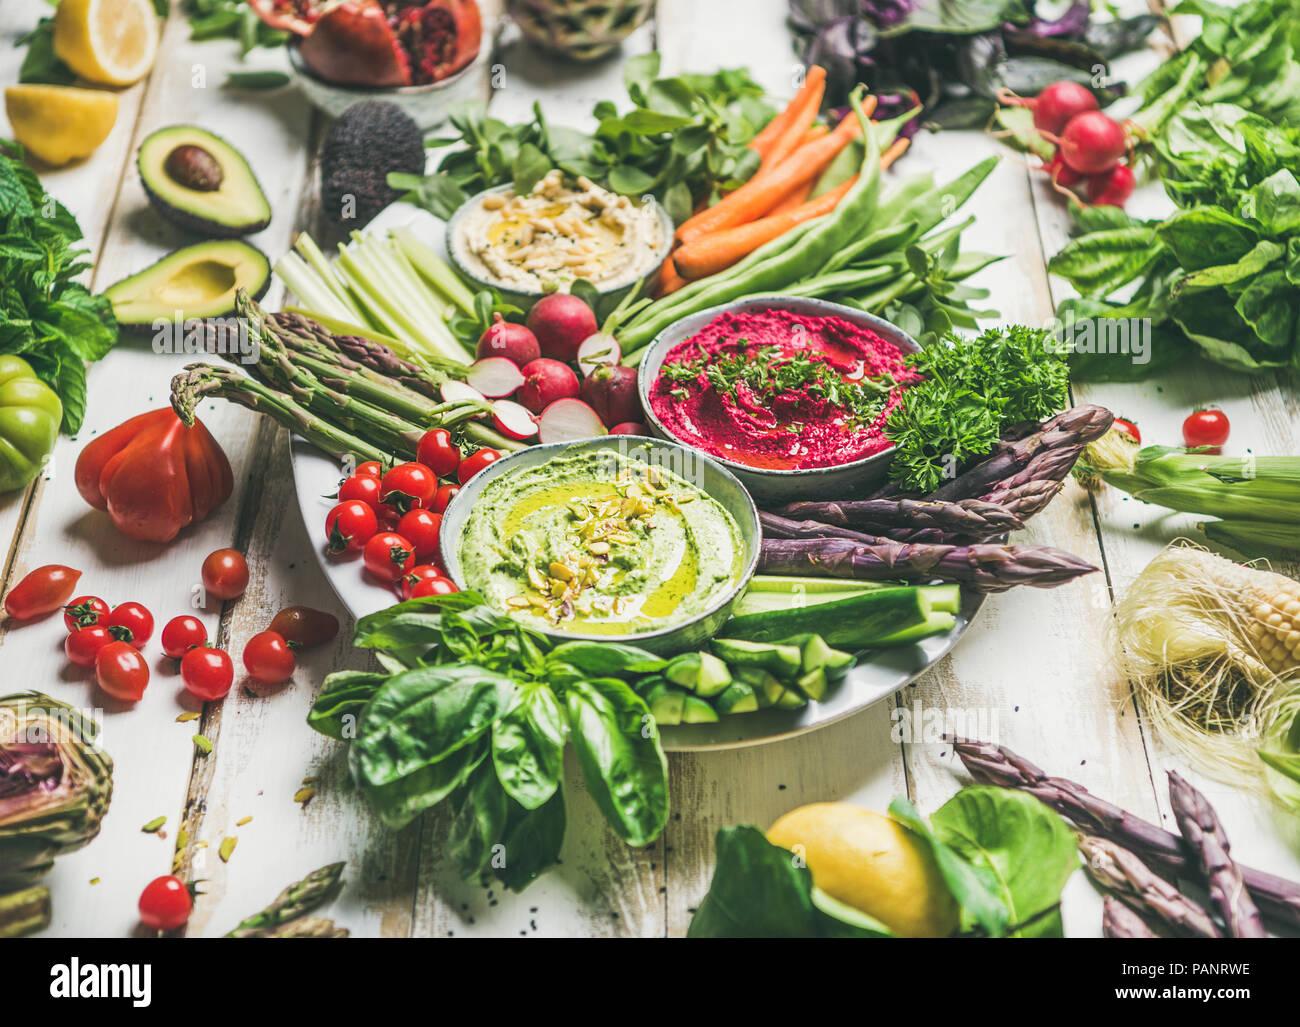 Raw vegan verano saludable plato de aperitivos por parte vegano Imagen De Stock